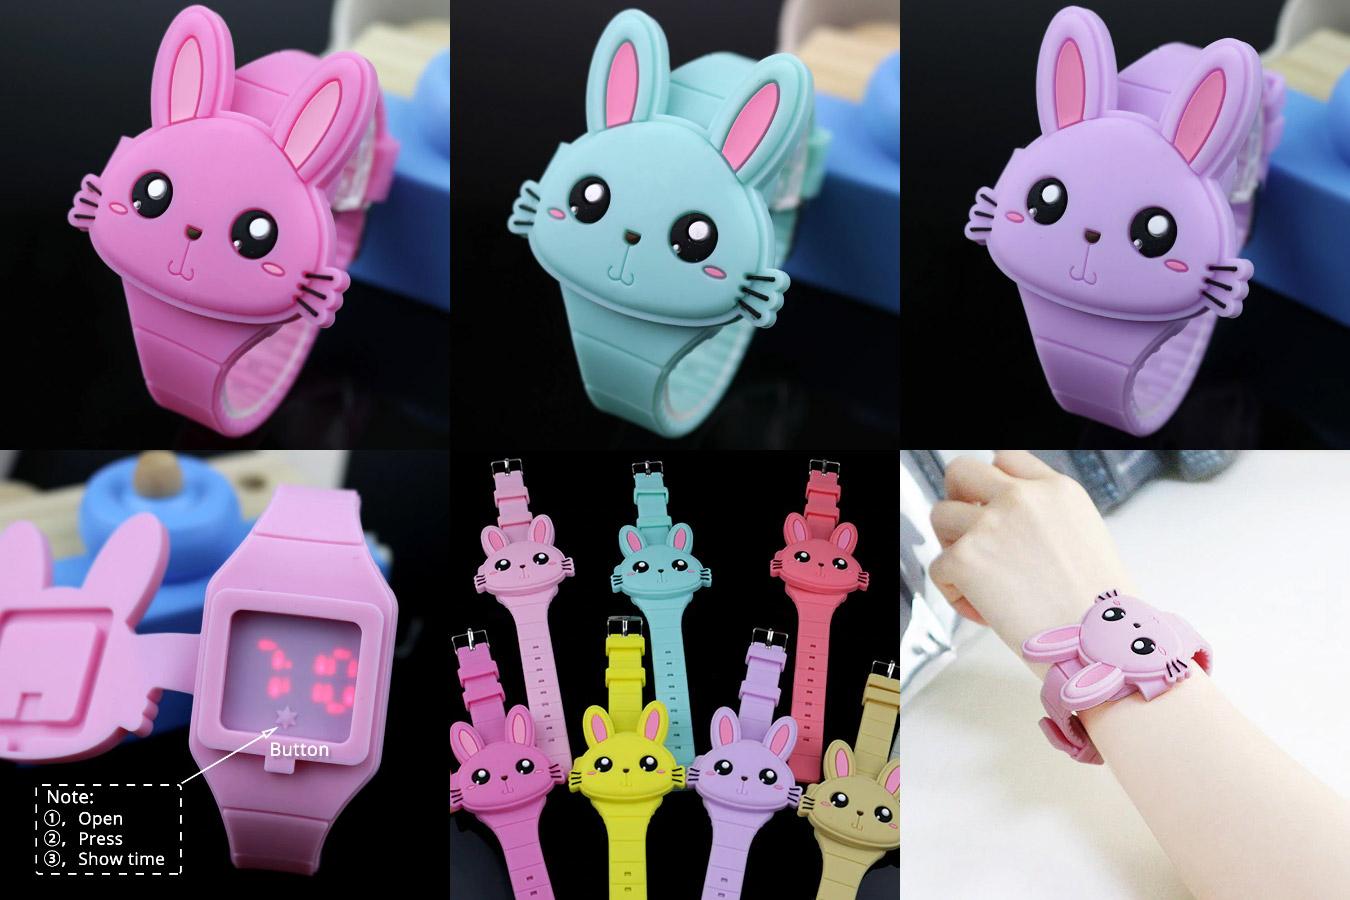 Детские часы в виде кролика